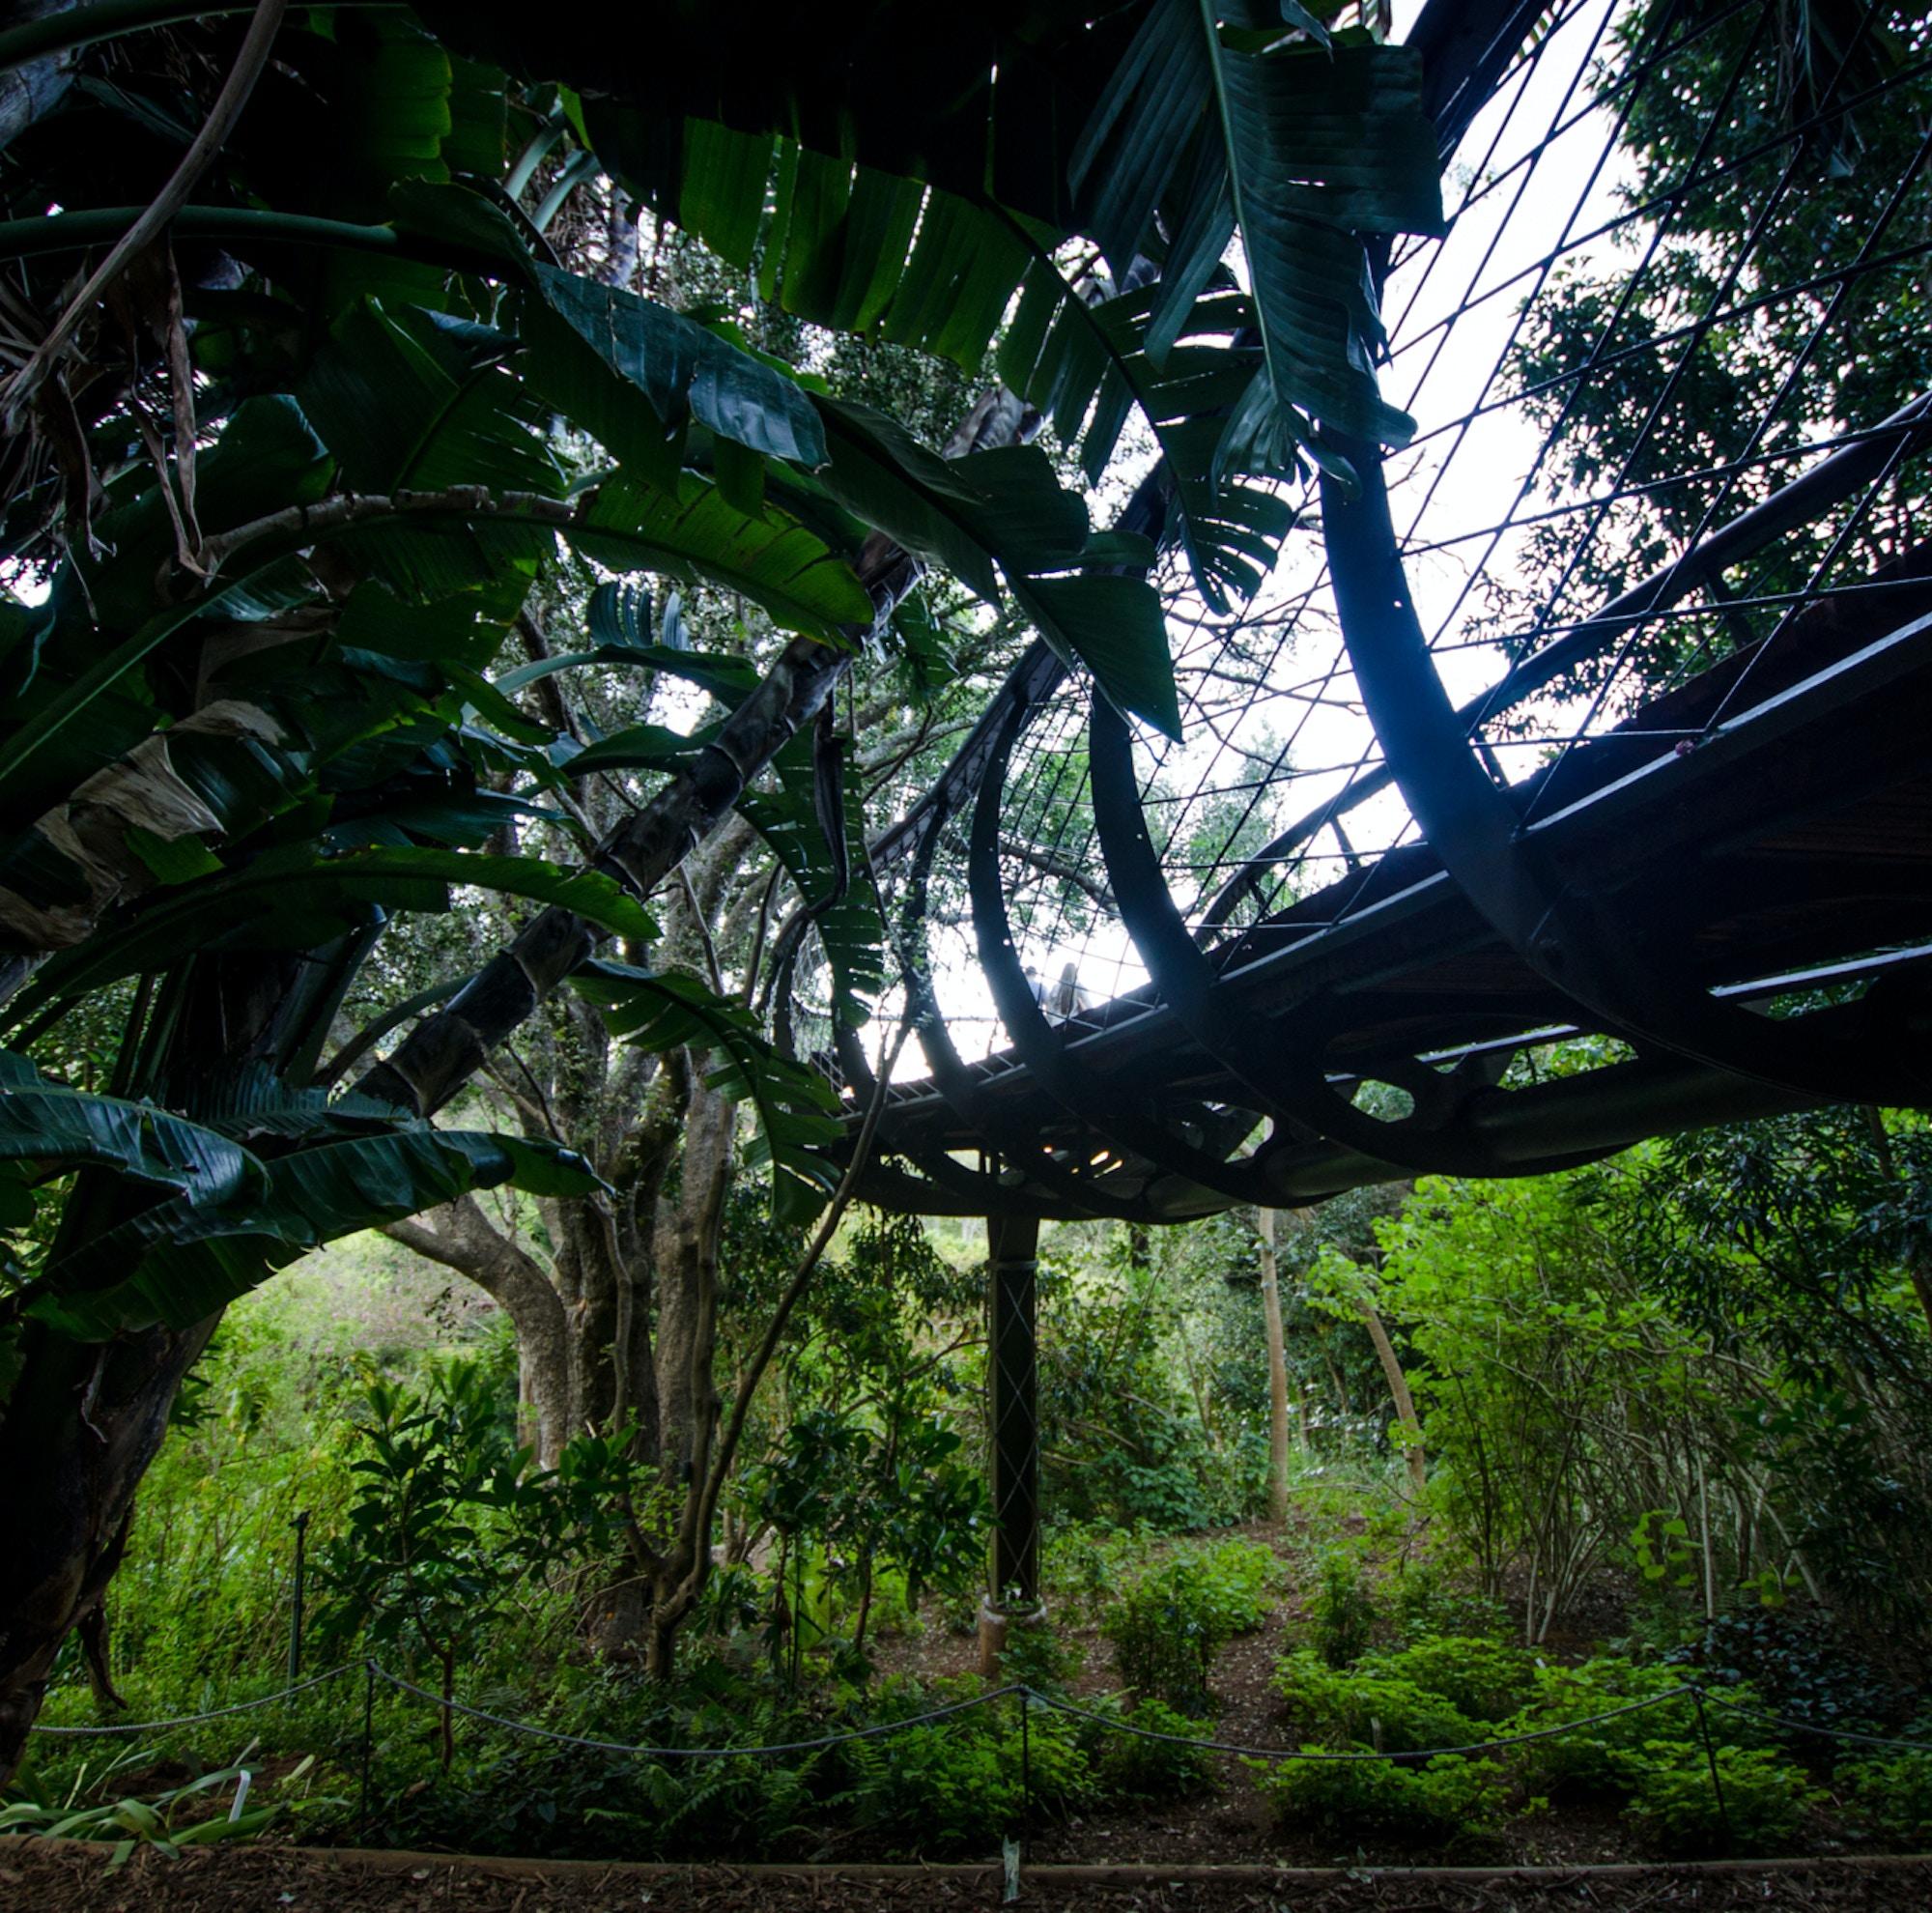 Top Attractions Kirstenbosch CTT Kirstenbosch Boomslang c Lisa Burnell 22 1